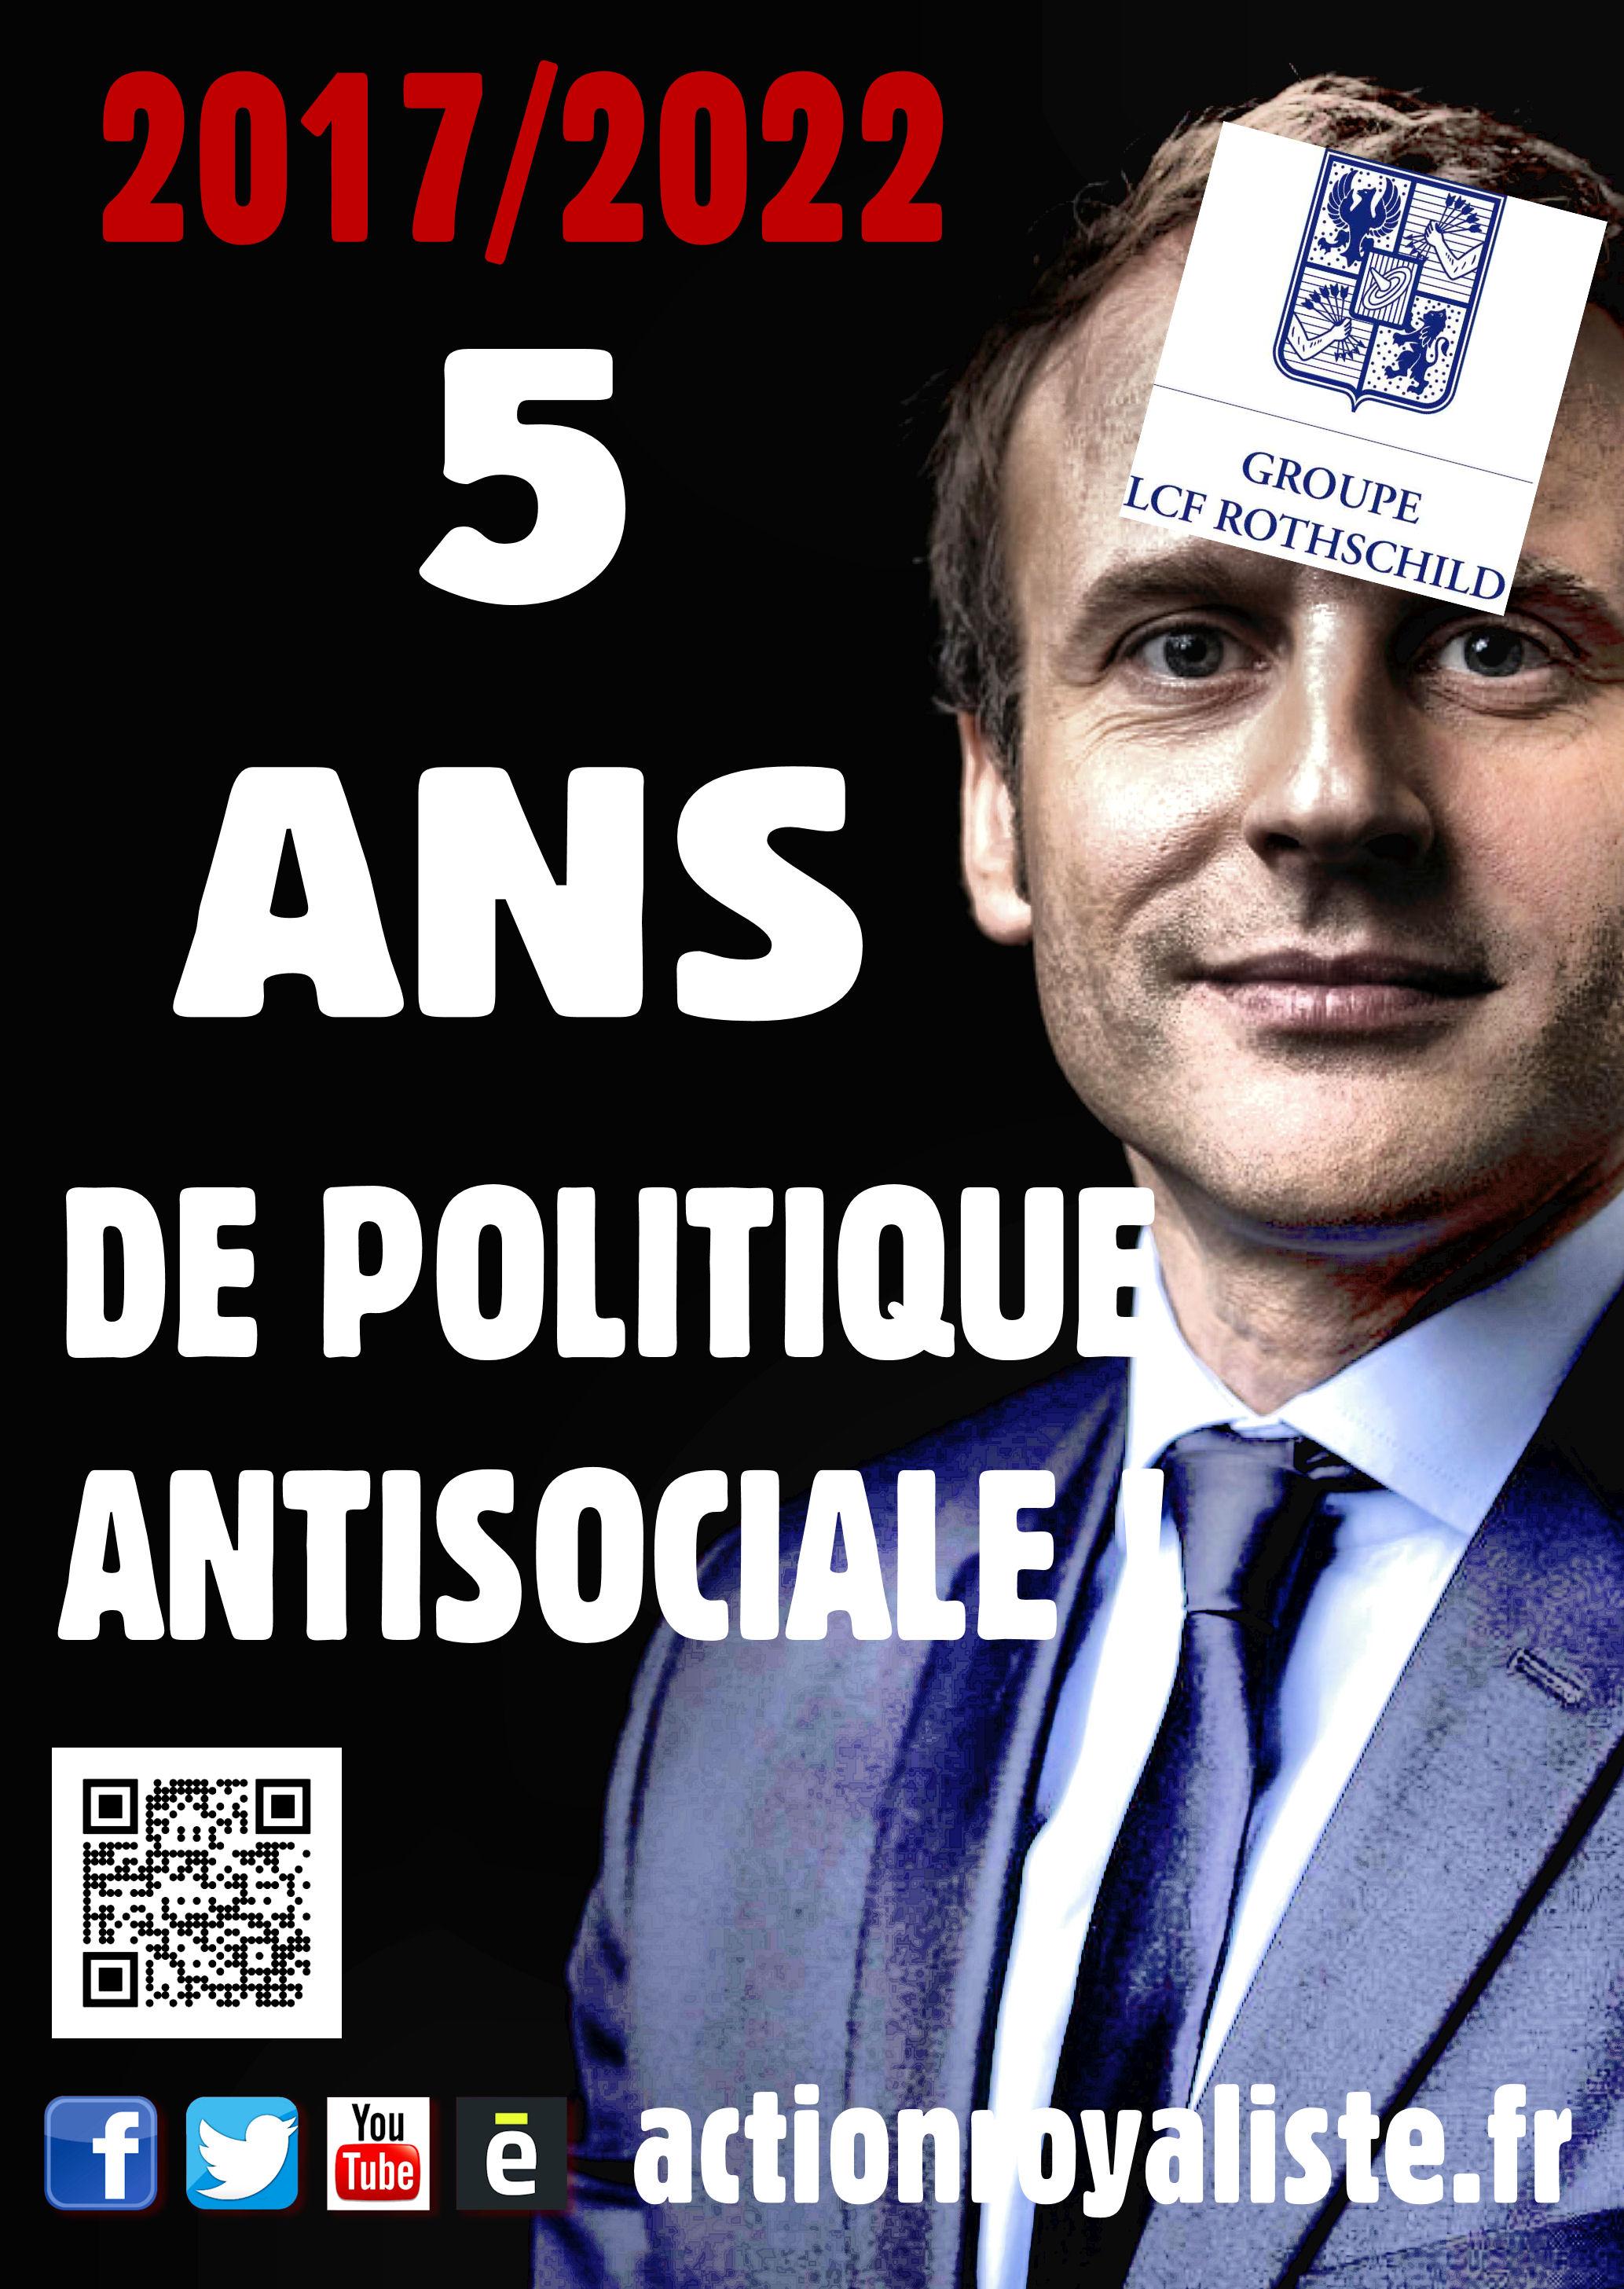 Ordonnances Macron, qu'en dire pour l'instant :